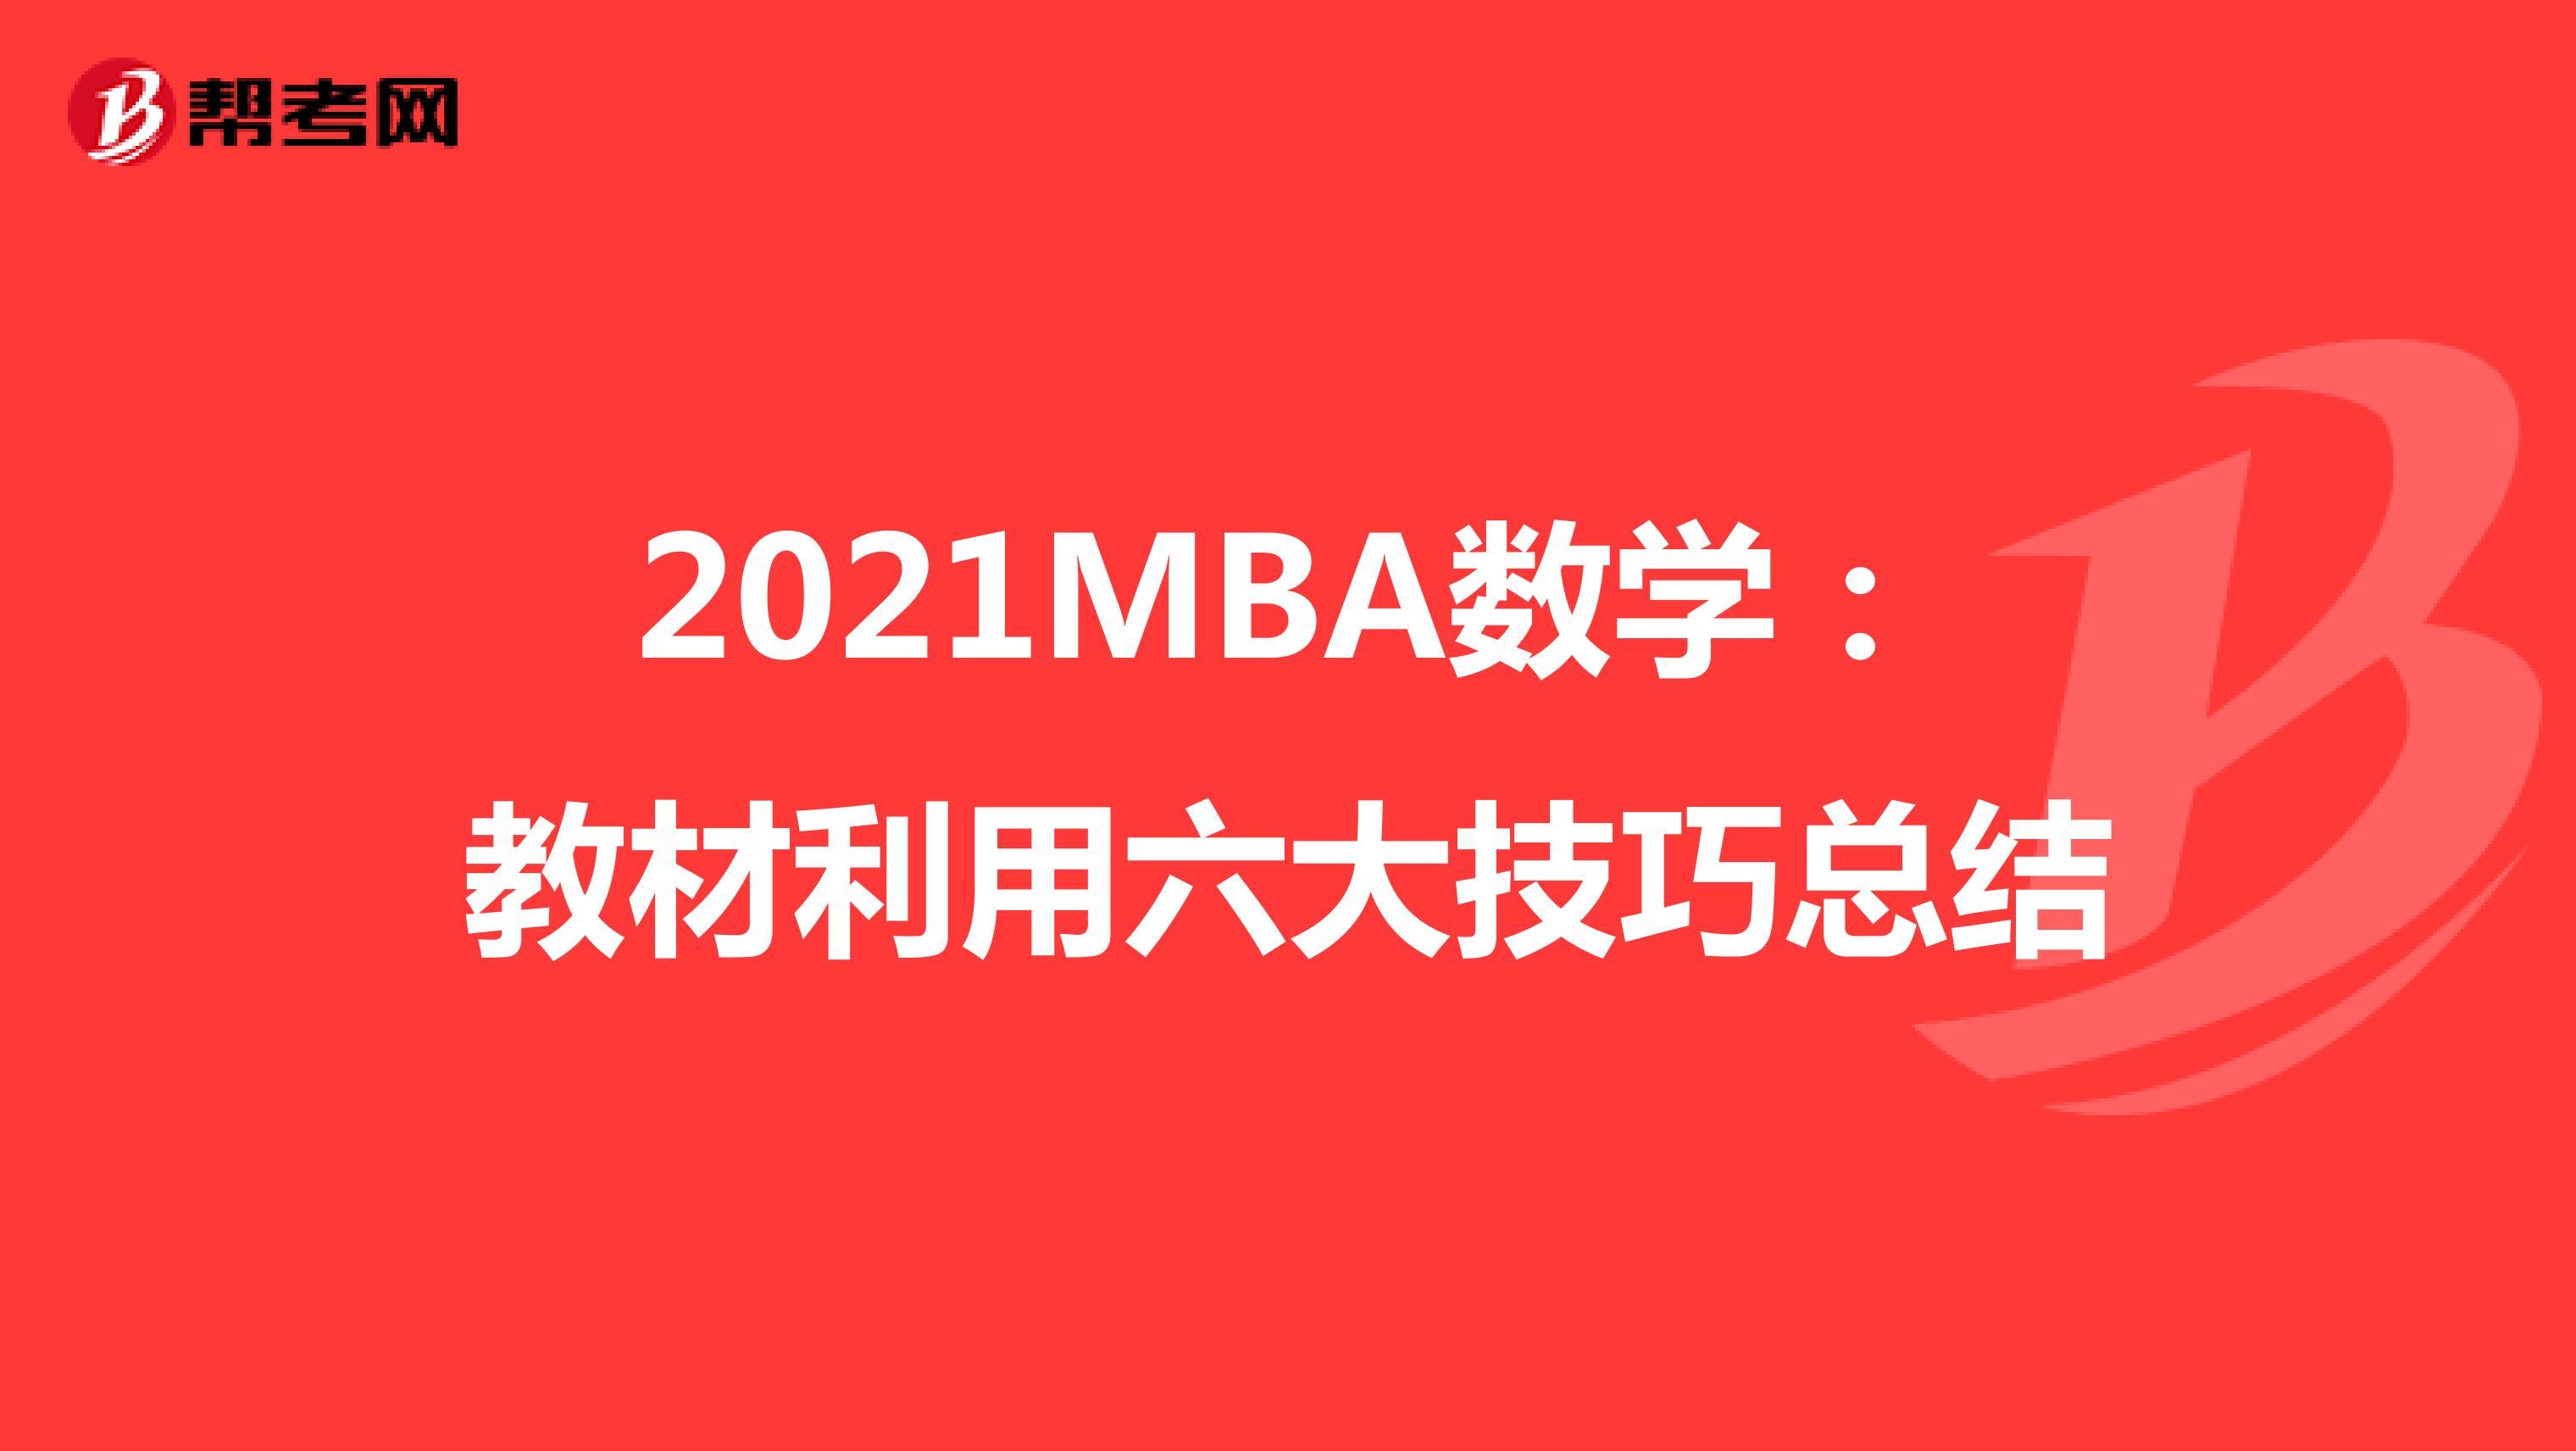 2021MBA数学:教材利用六大技巧总结